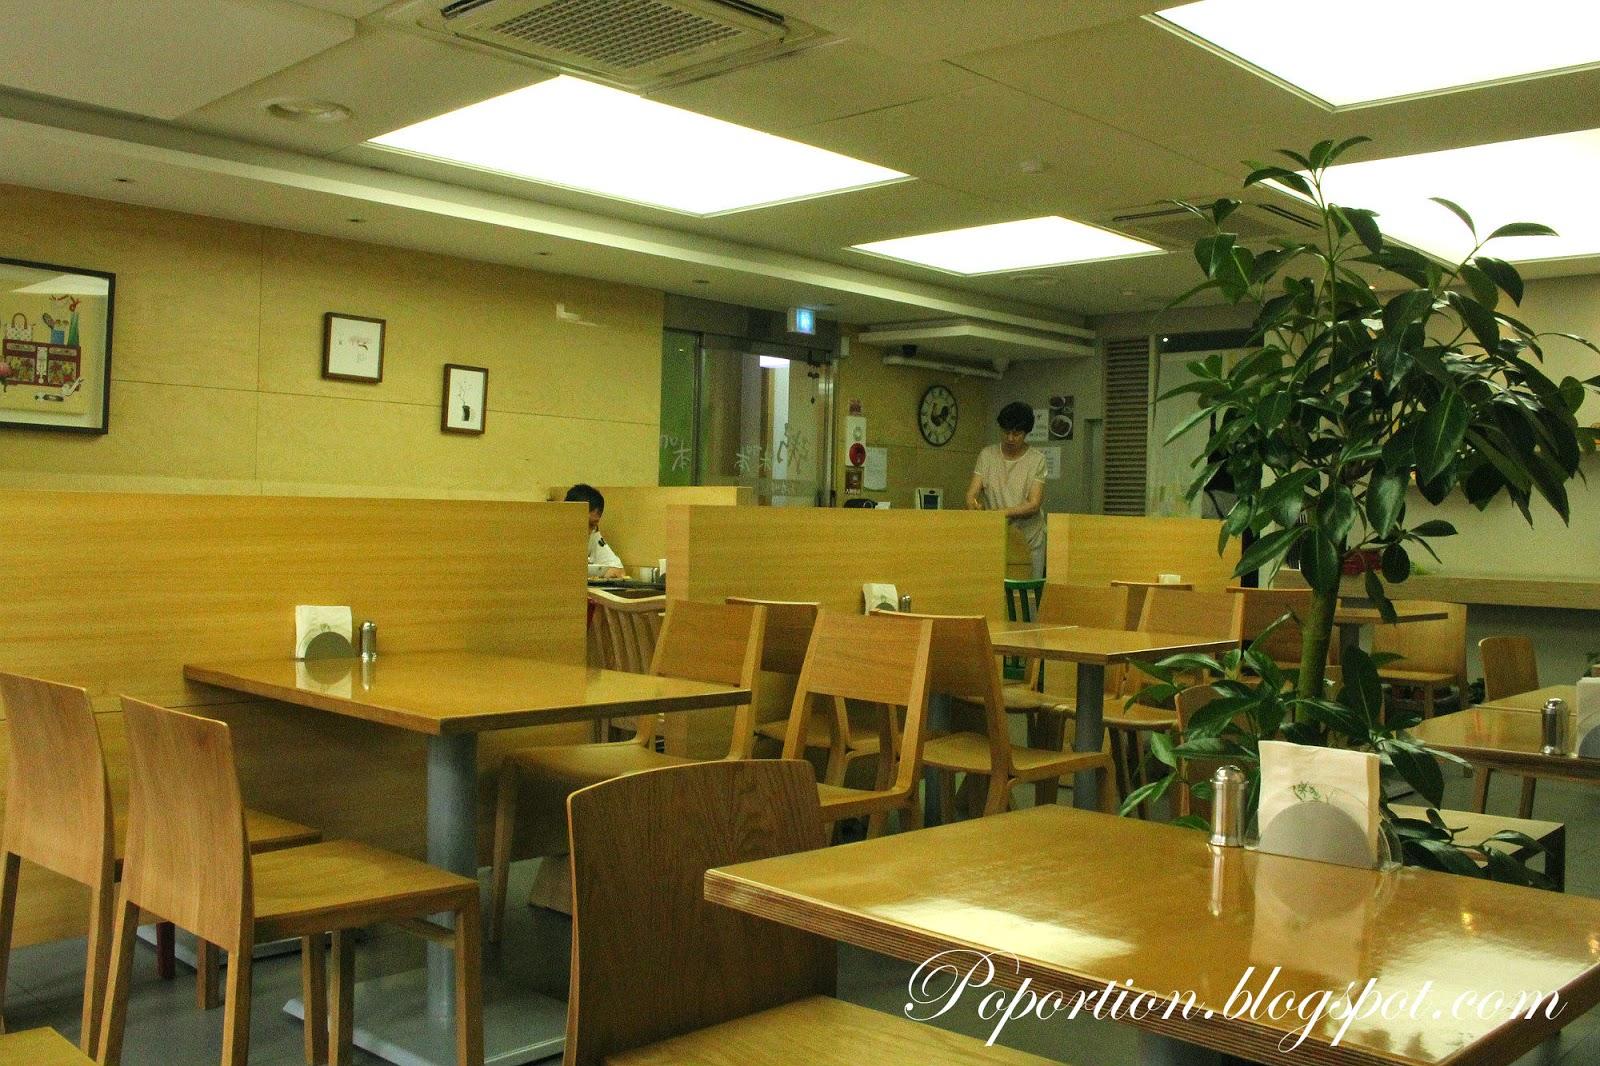 korea where to eat porridge